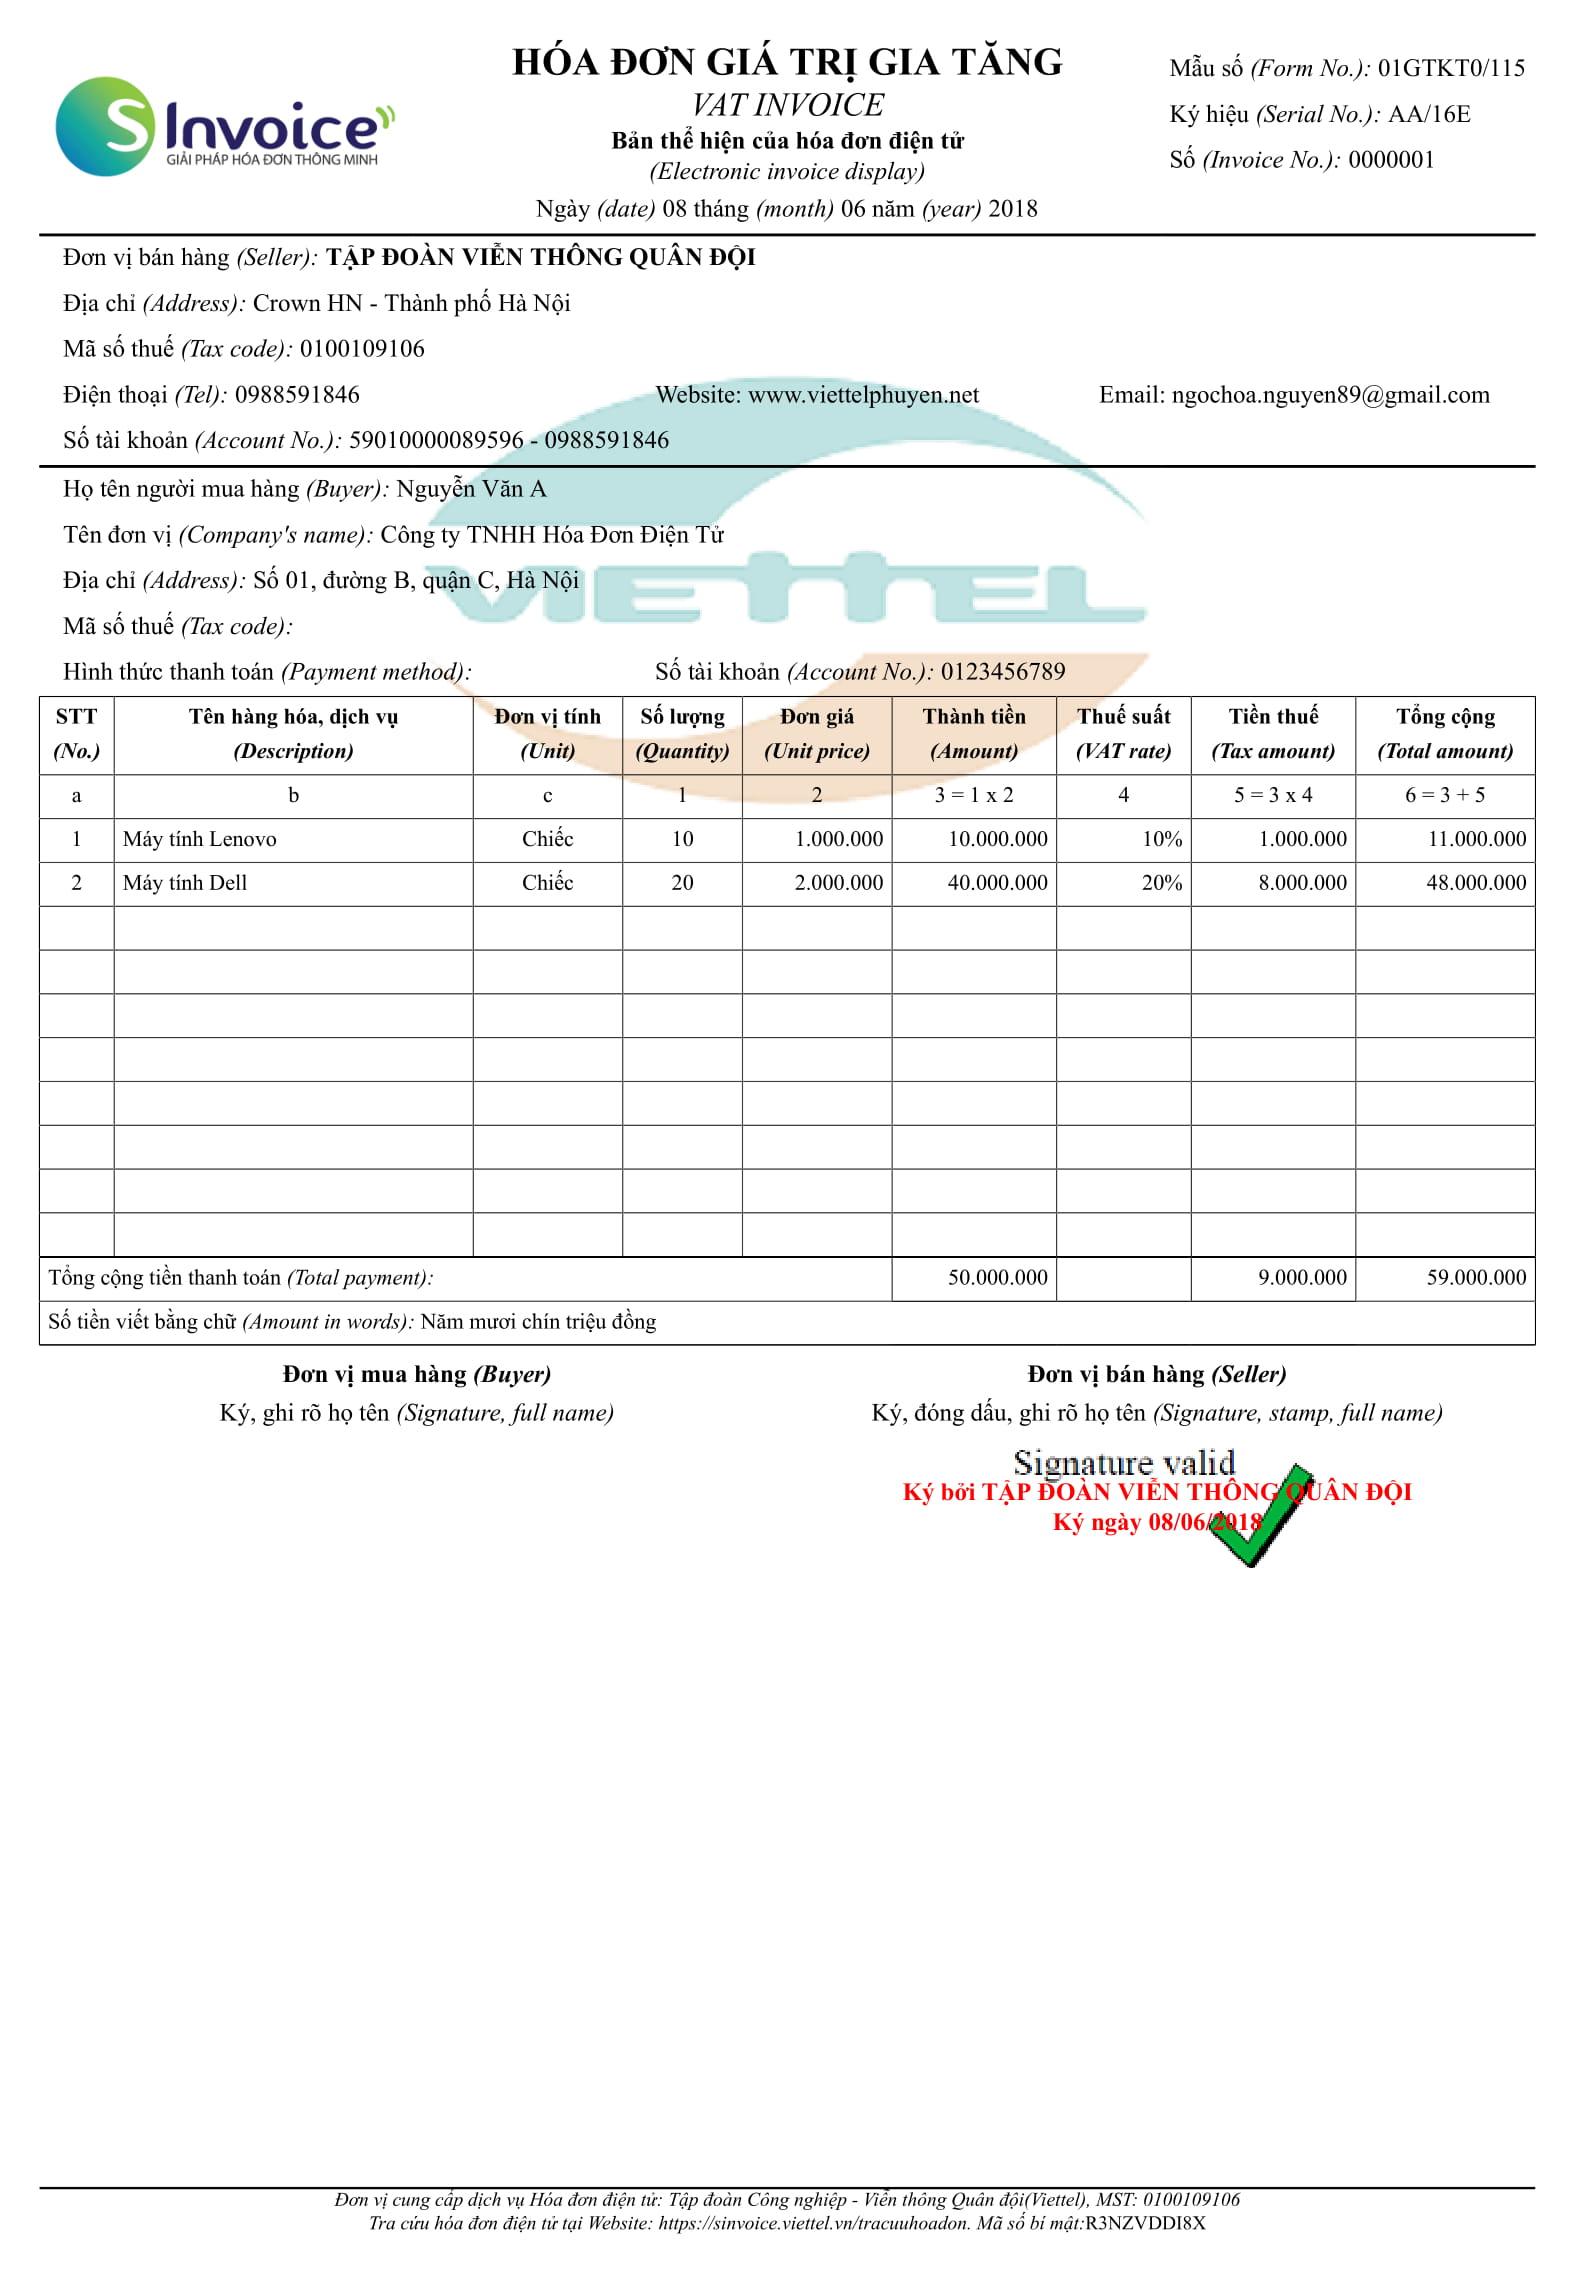 mẫu hóa đơn điện tử viettel